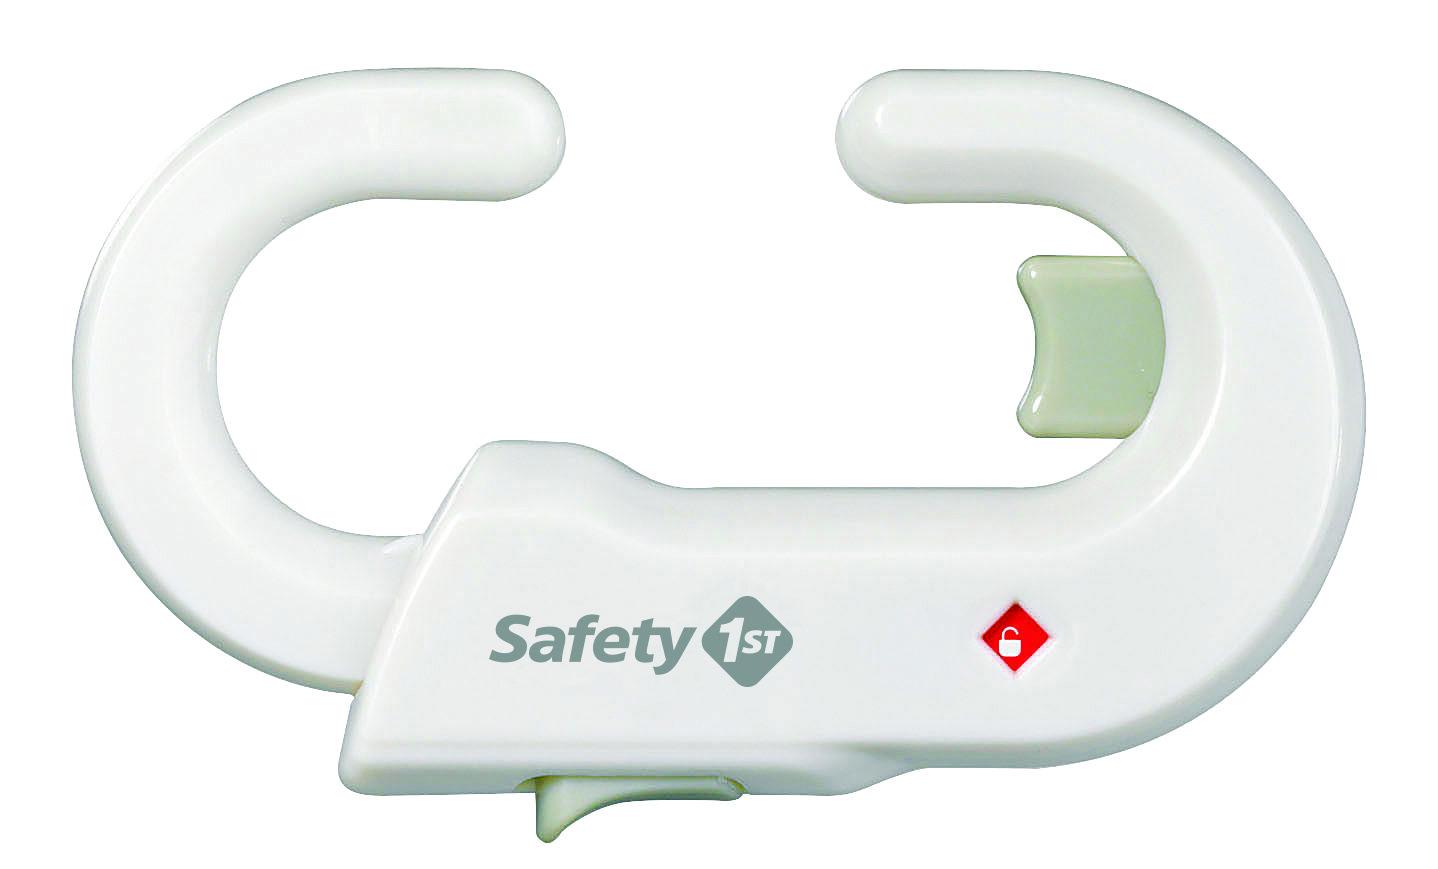 Safety 1st. Kastdeurklem